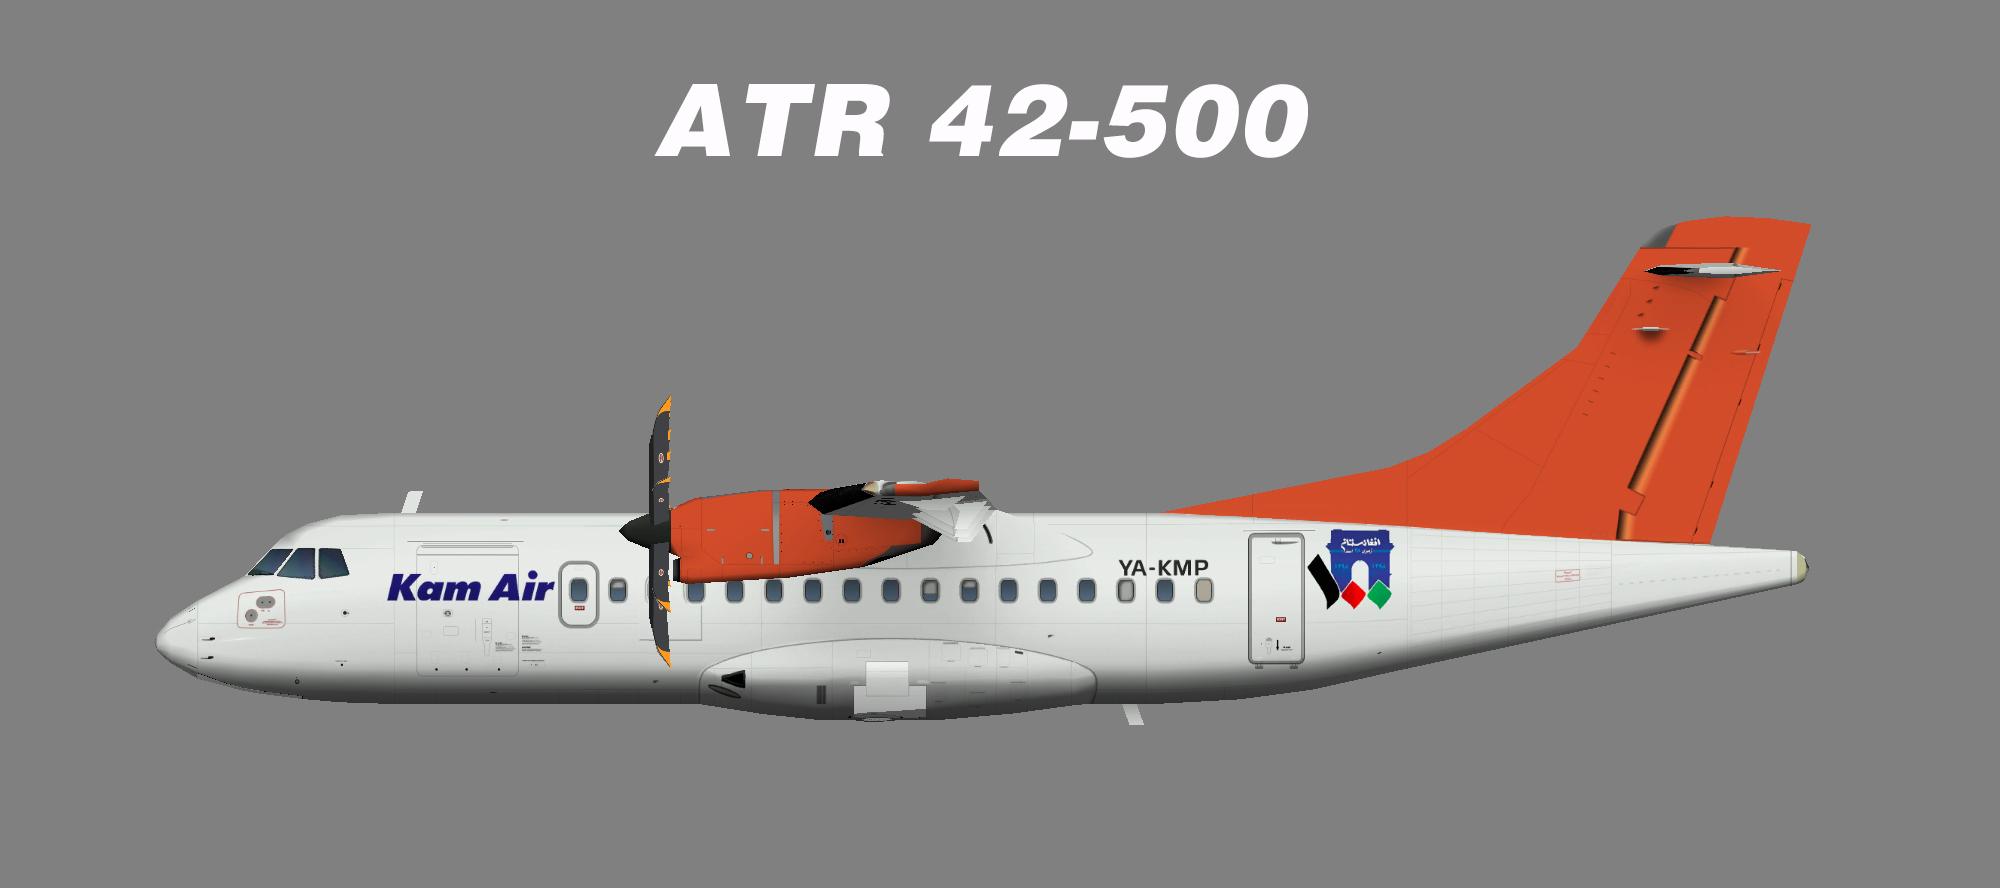 Kam Air ATR42-500